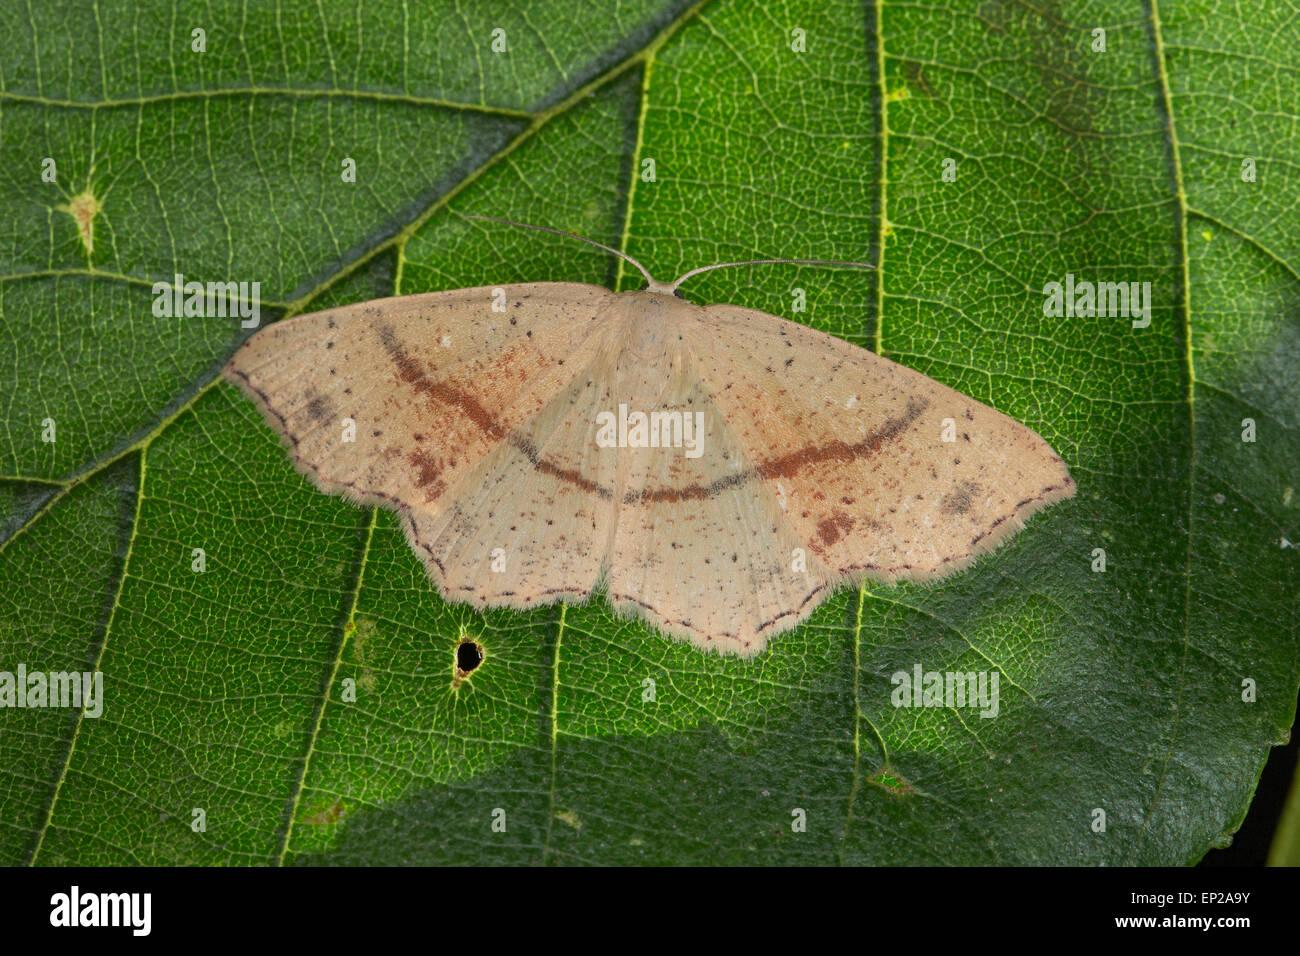 Maiden's Blush, Gepunkteter Eichen-Gürtelpuppenspanner, Grauroter Gürtelpuppenspanner, Cyclophora punctaria, Cosymbia Stock Photo